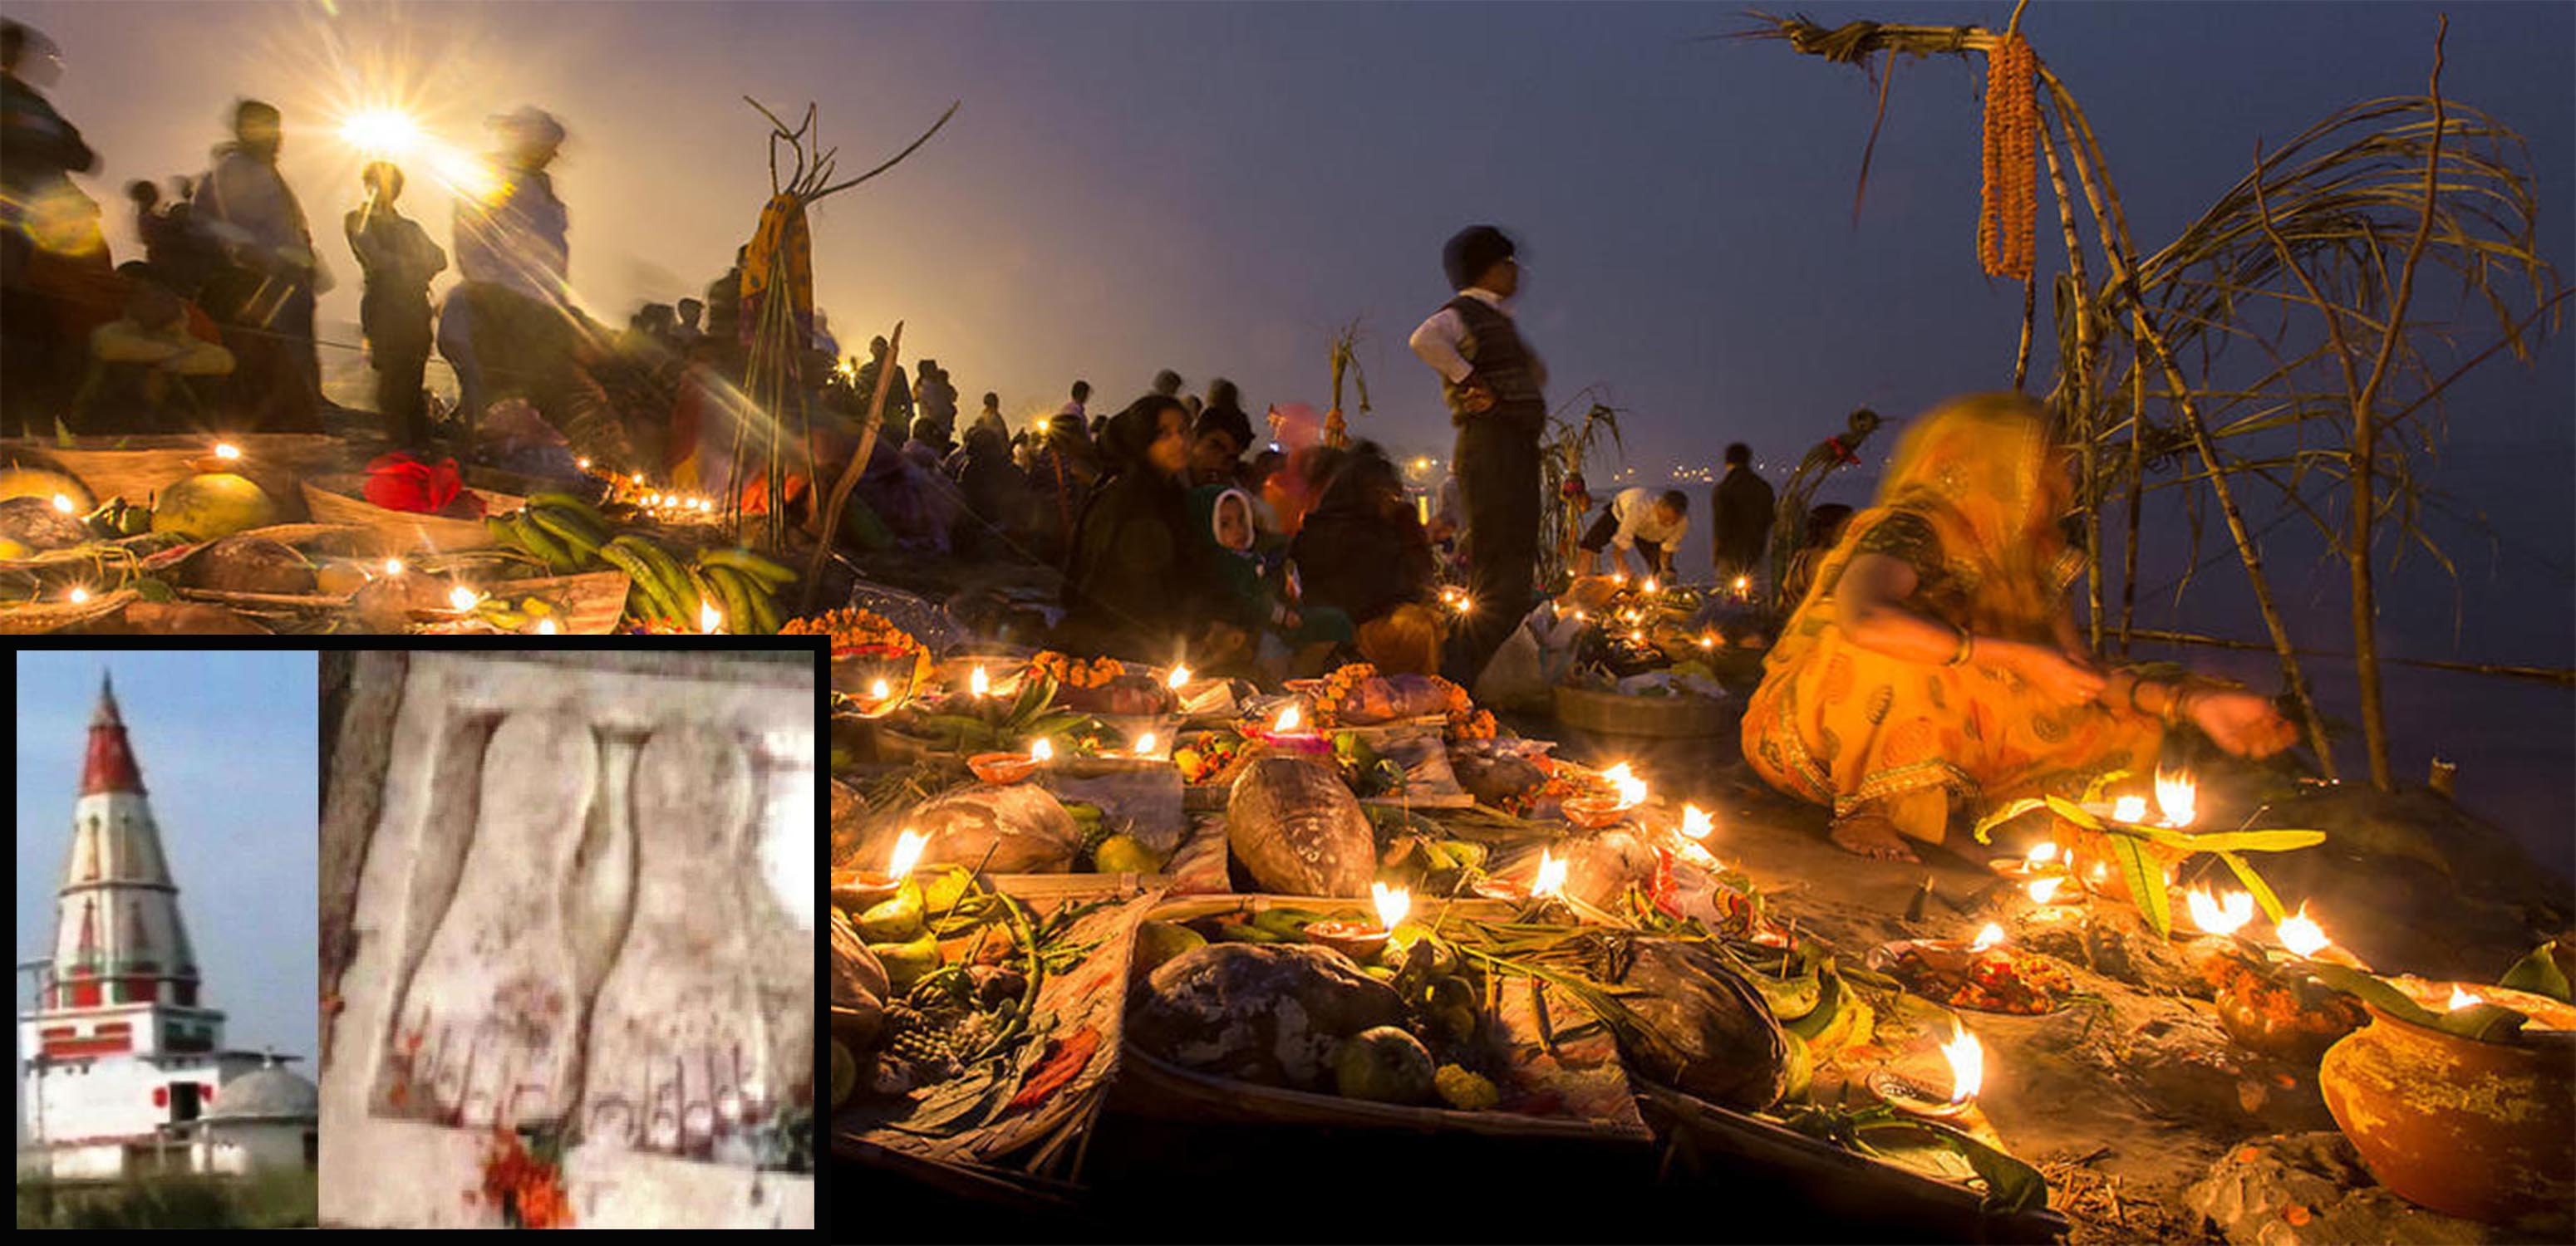 Chhath Special chhath puja sita maa munger